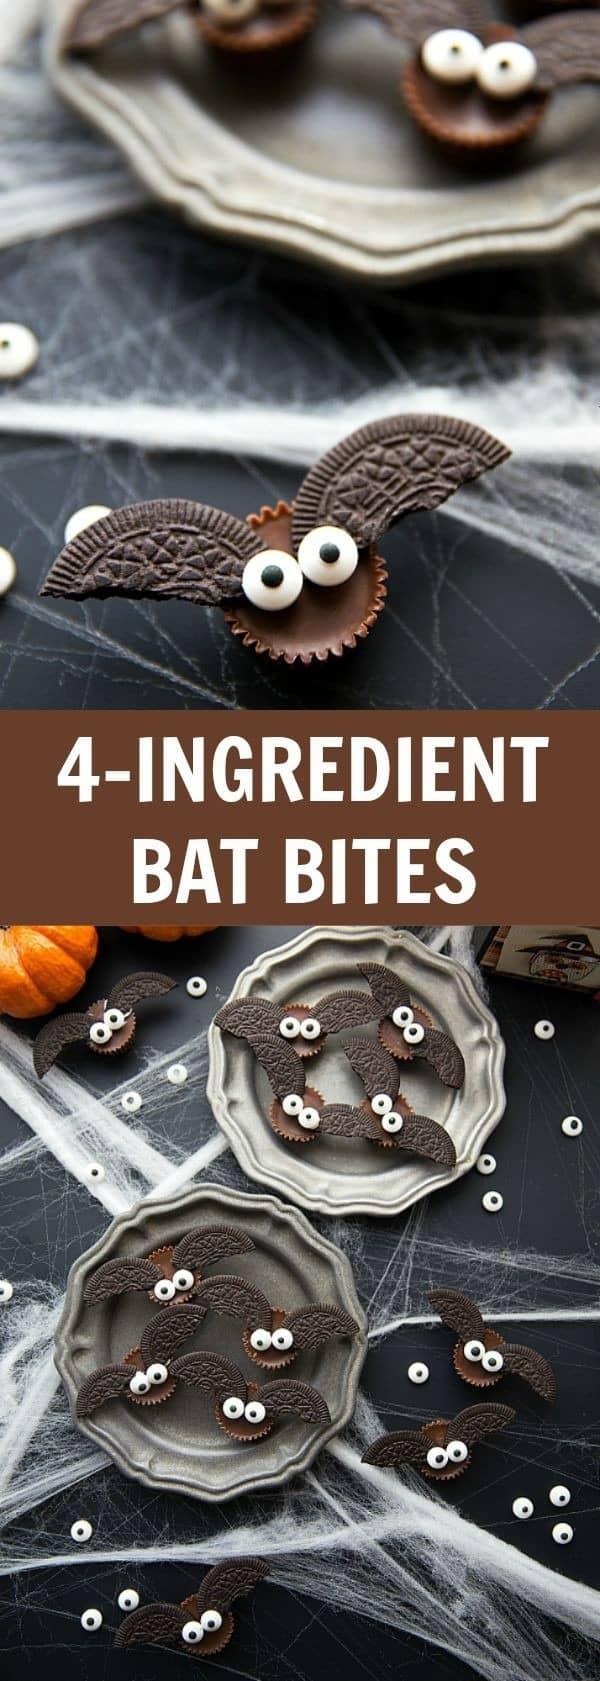 4 Ingredient Bat Bites